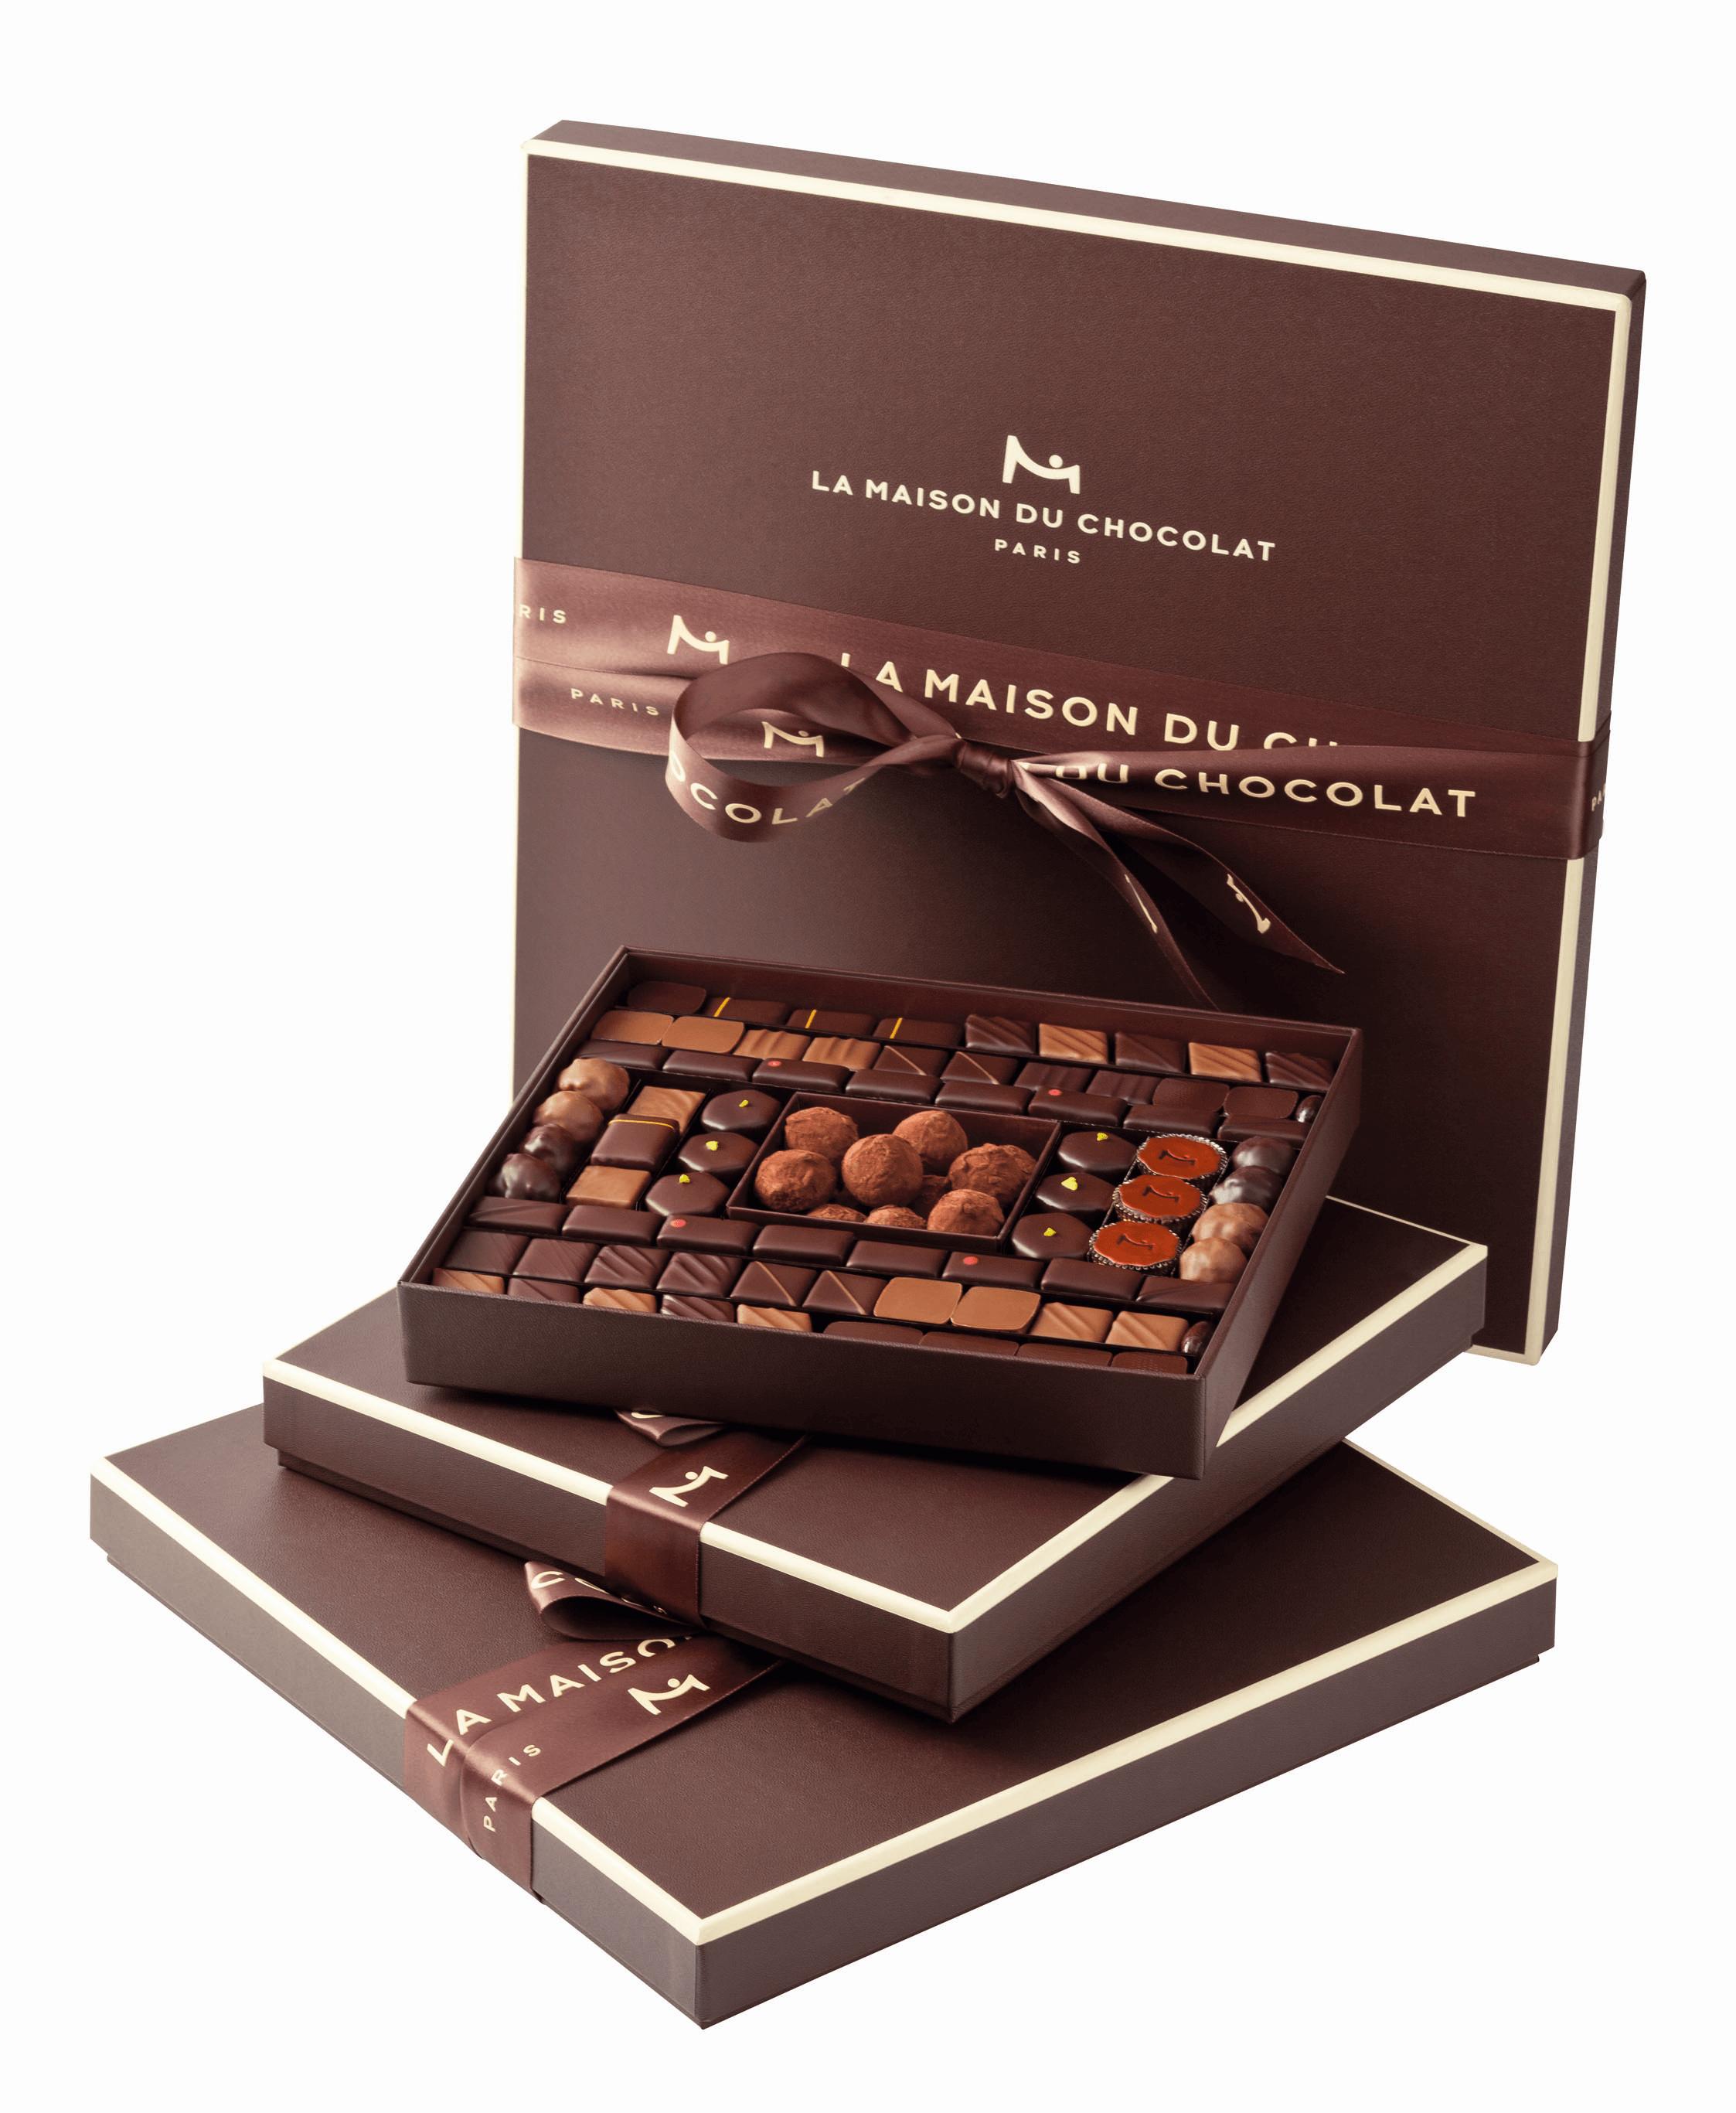 Boîtes d'emballage de chocolats Maison du Chocolat